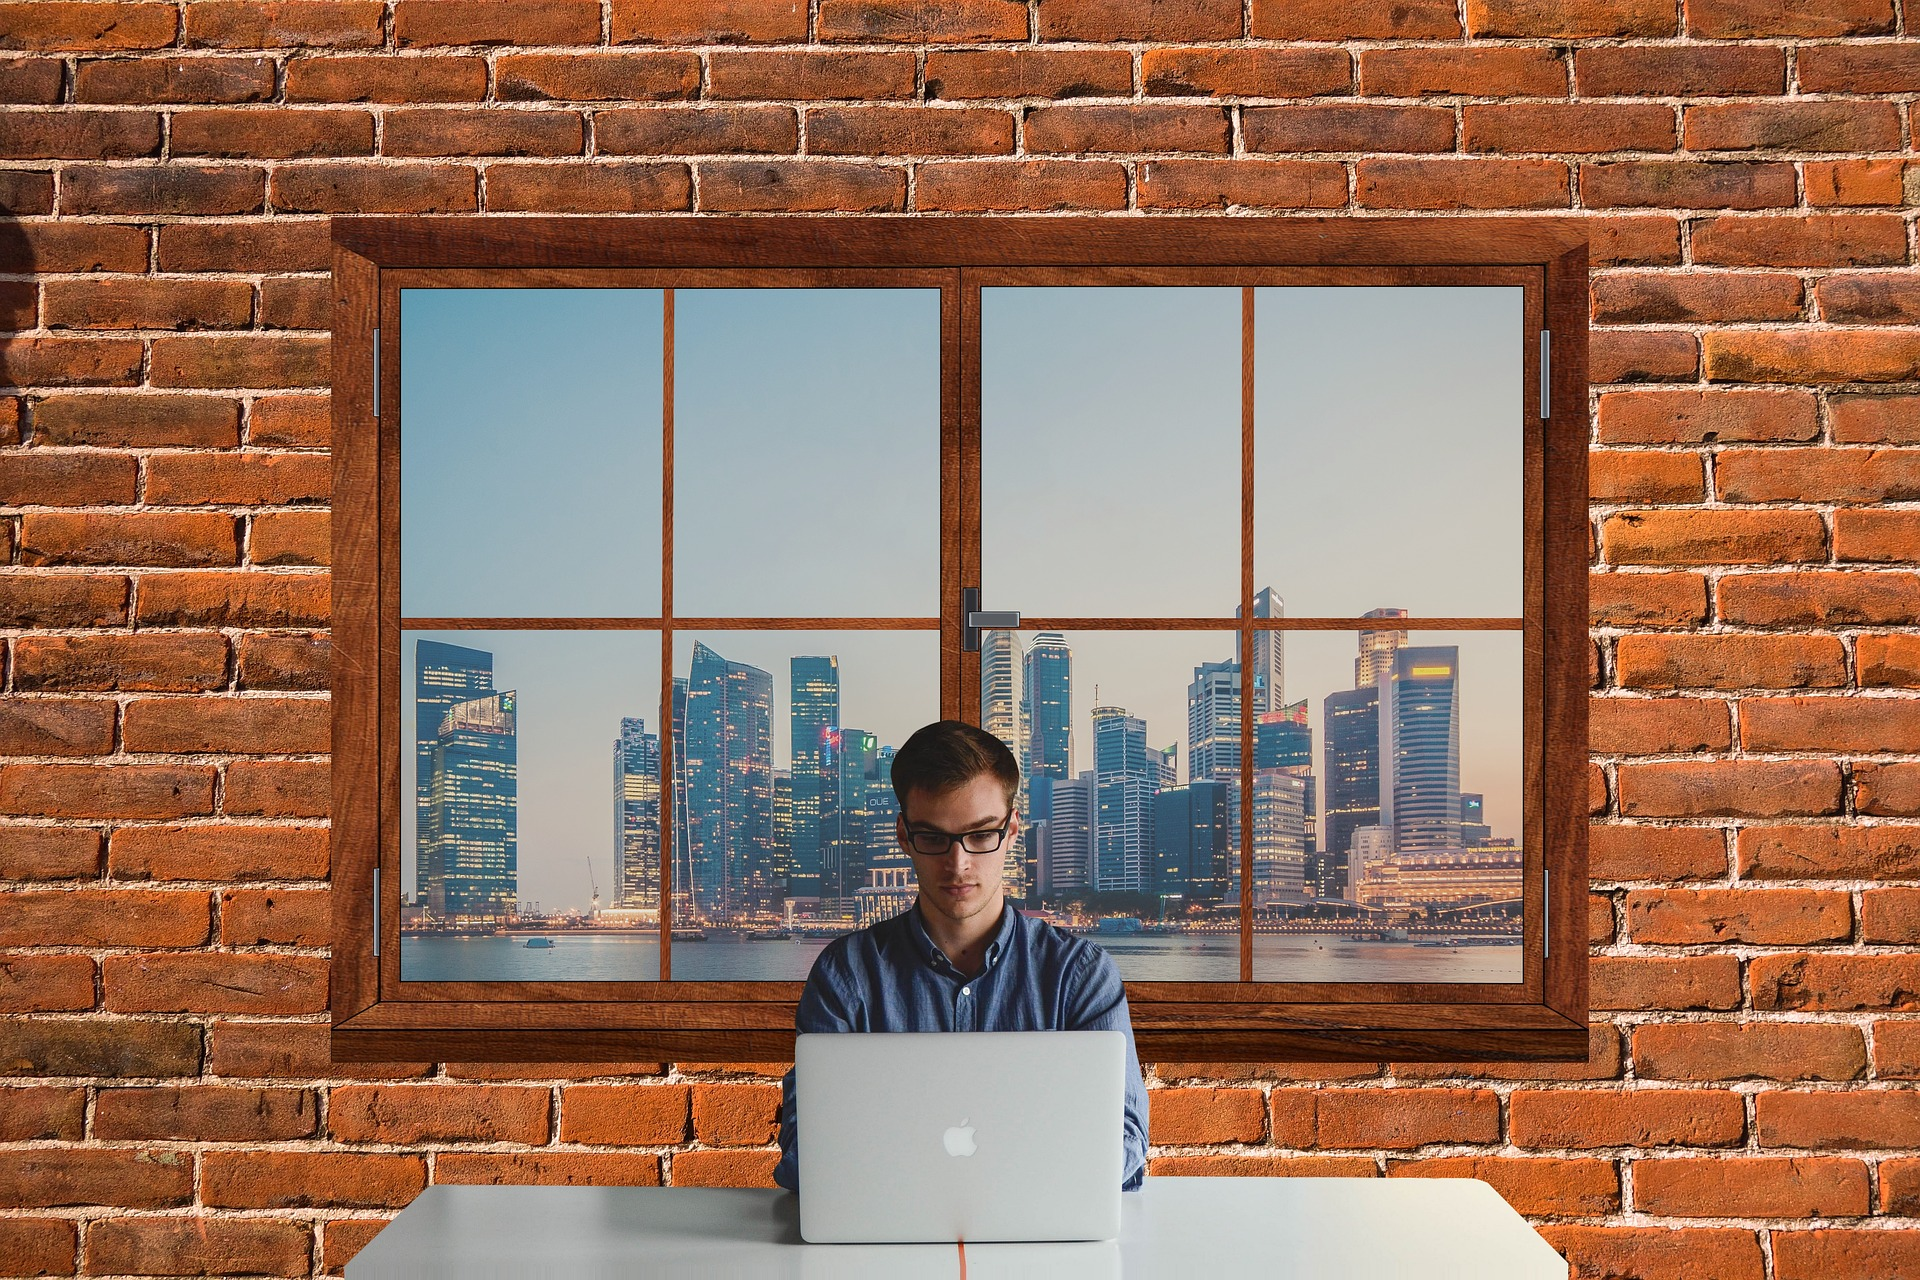 サラリーマンが副業で会社設立してもバレない方法!登記と報酬を工夫